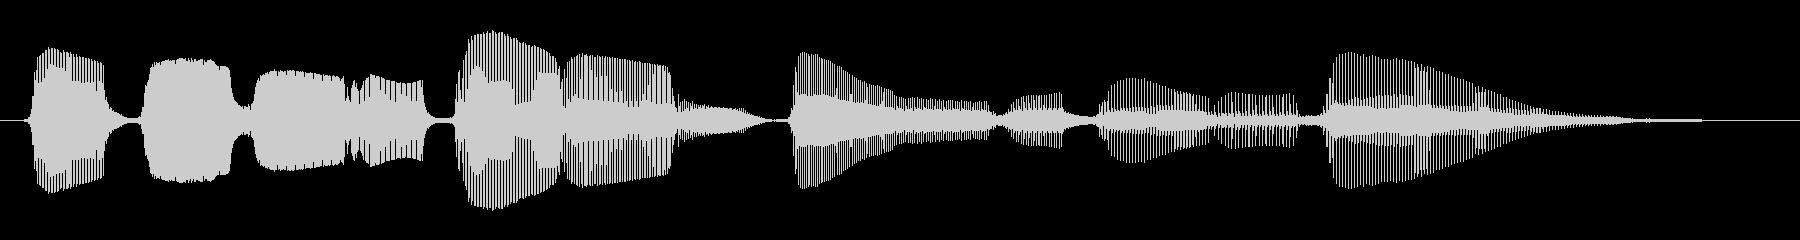 生サックスブルースフレーズ2の未再生の波形